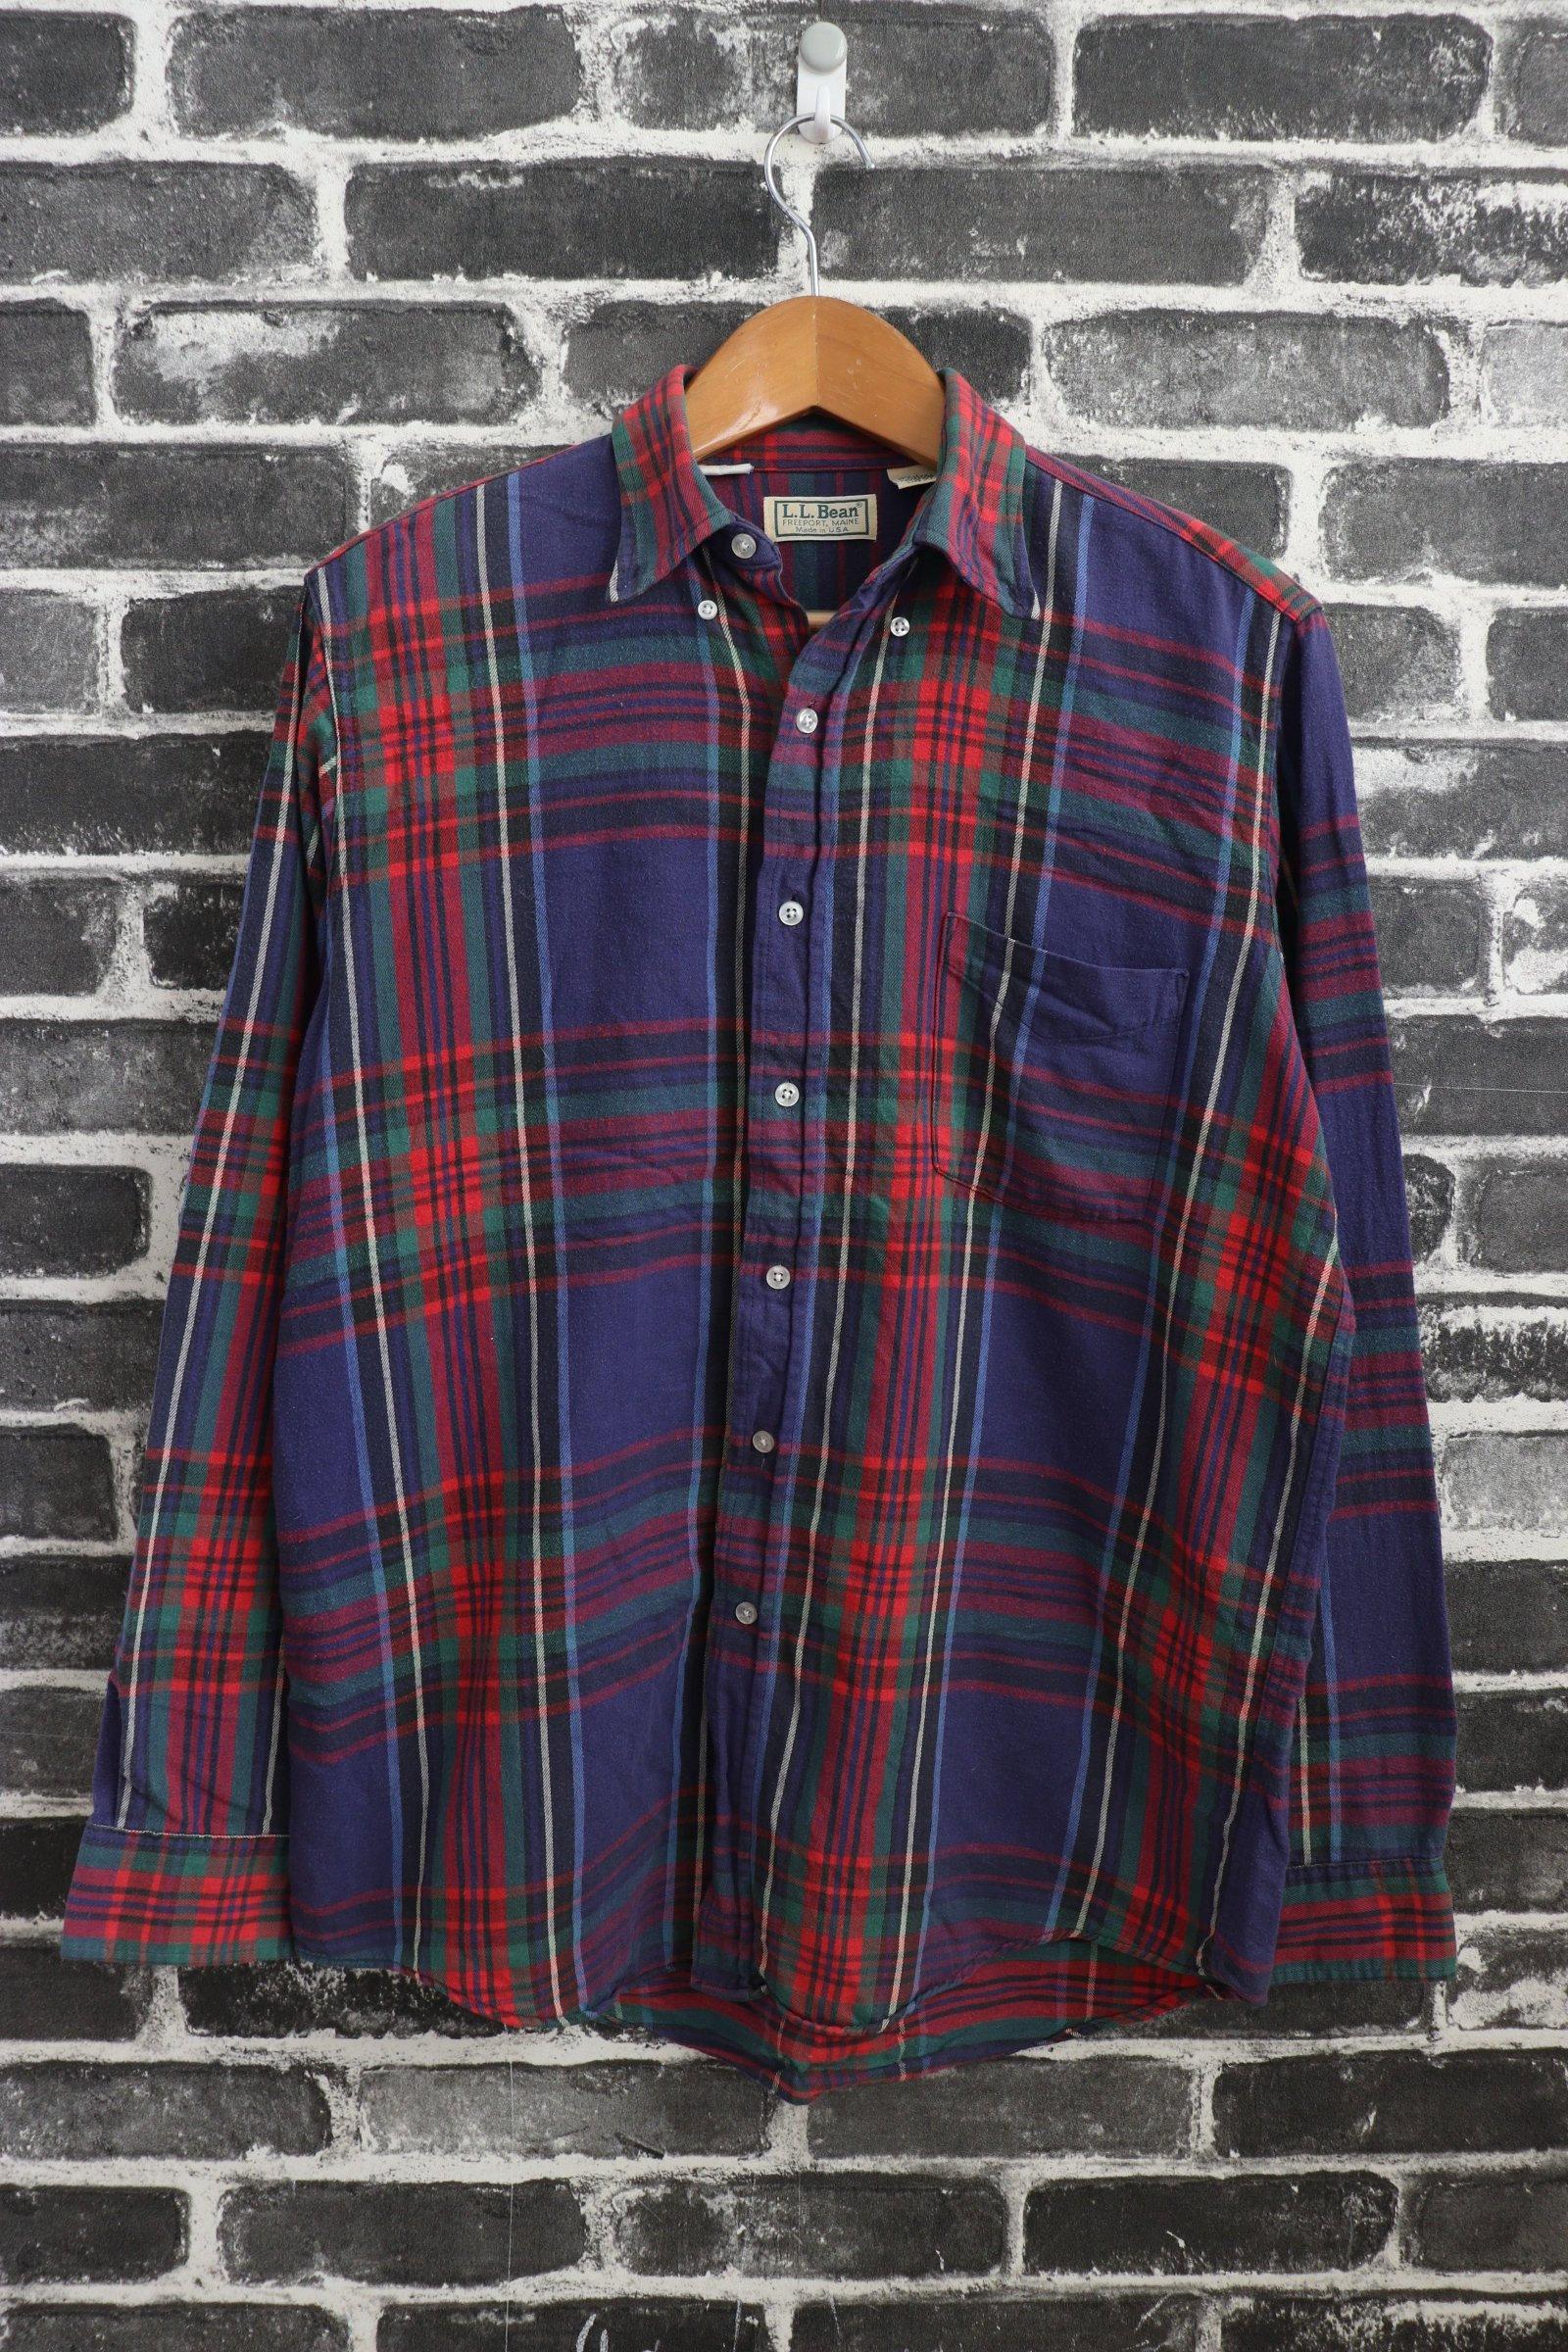 25801ca839 Ll Bean Scotch Plaid Flannel Shirt Womens | Top Mode Depot